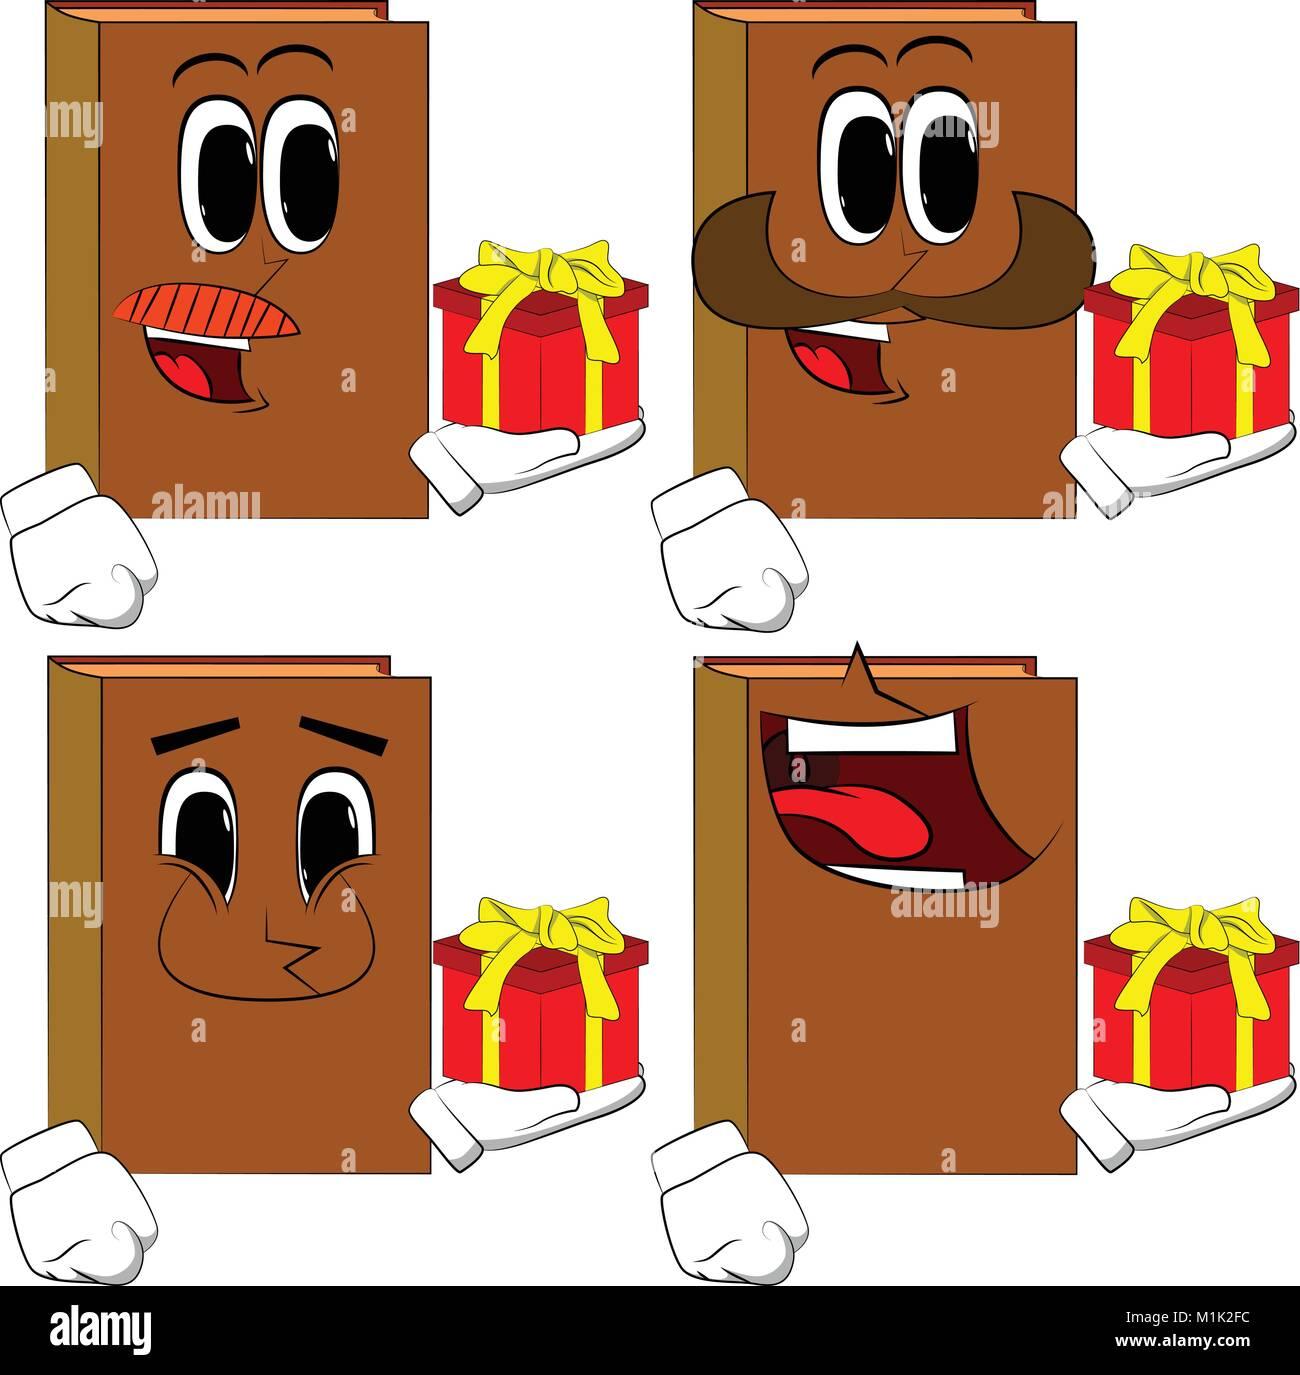 Libros sosteniendo la pequeña caja de regalo. Colección de libros de dibujos  animados con caras d336e541728c